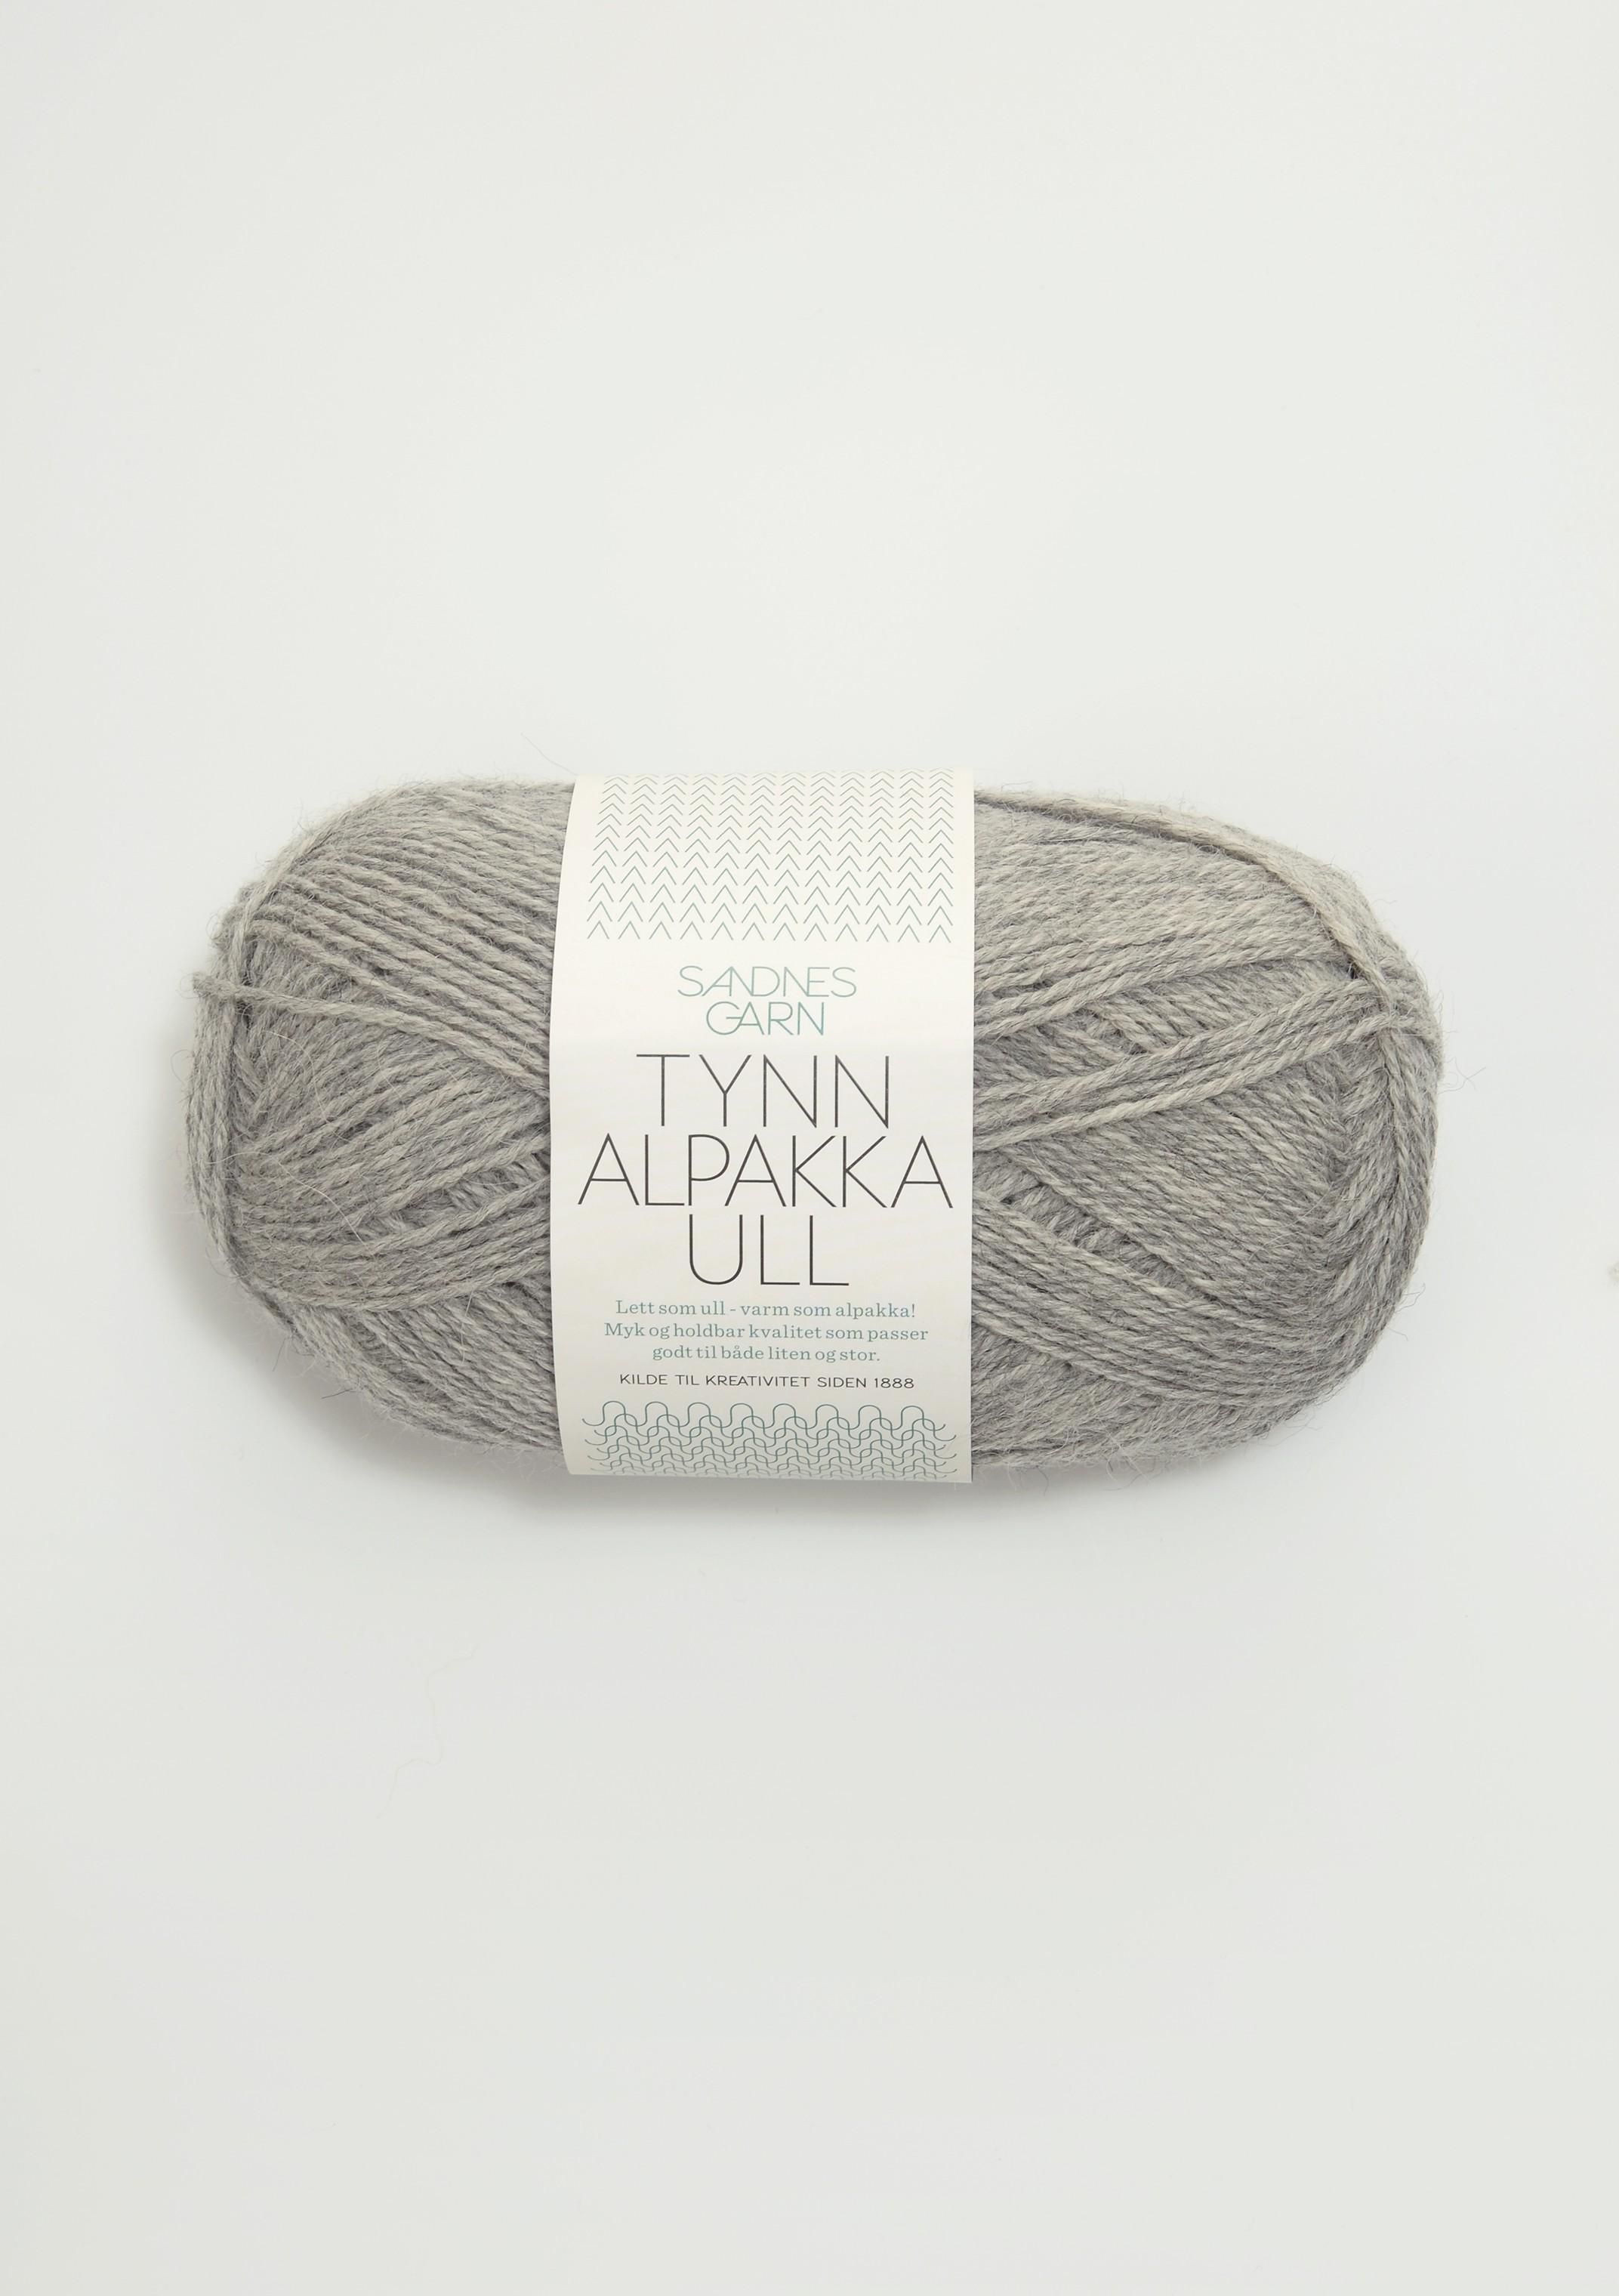 Tynd Alpakka uld fra Sandnes Garn